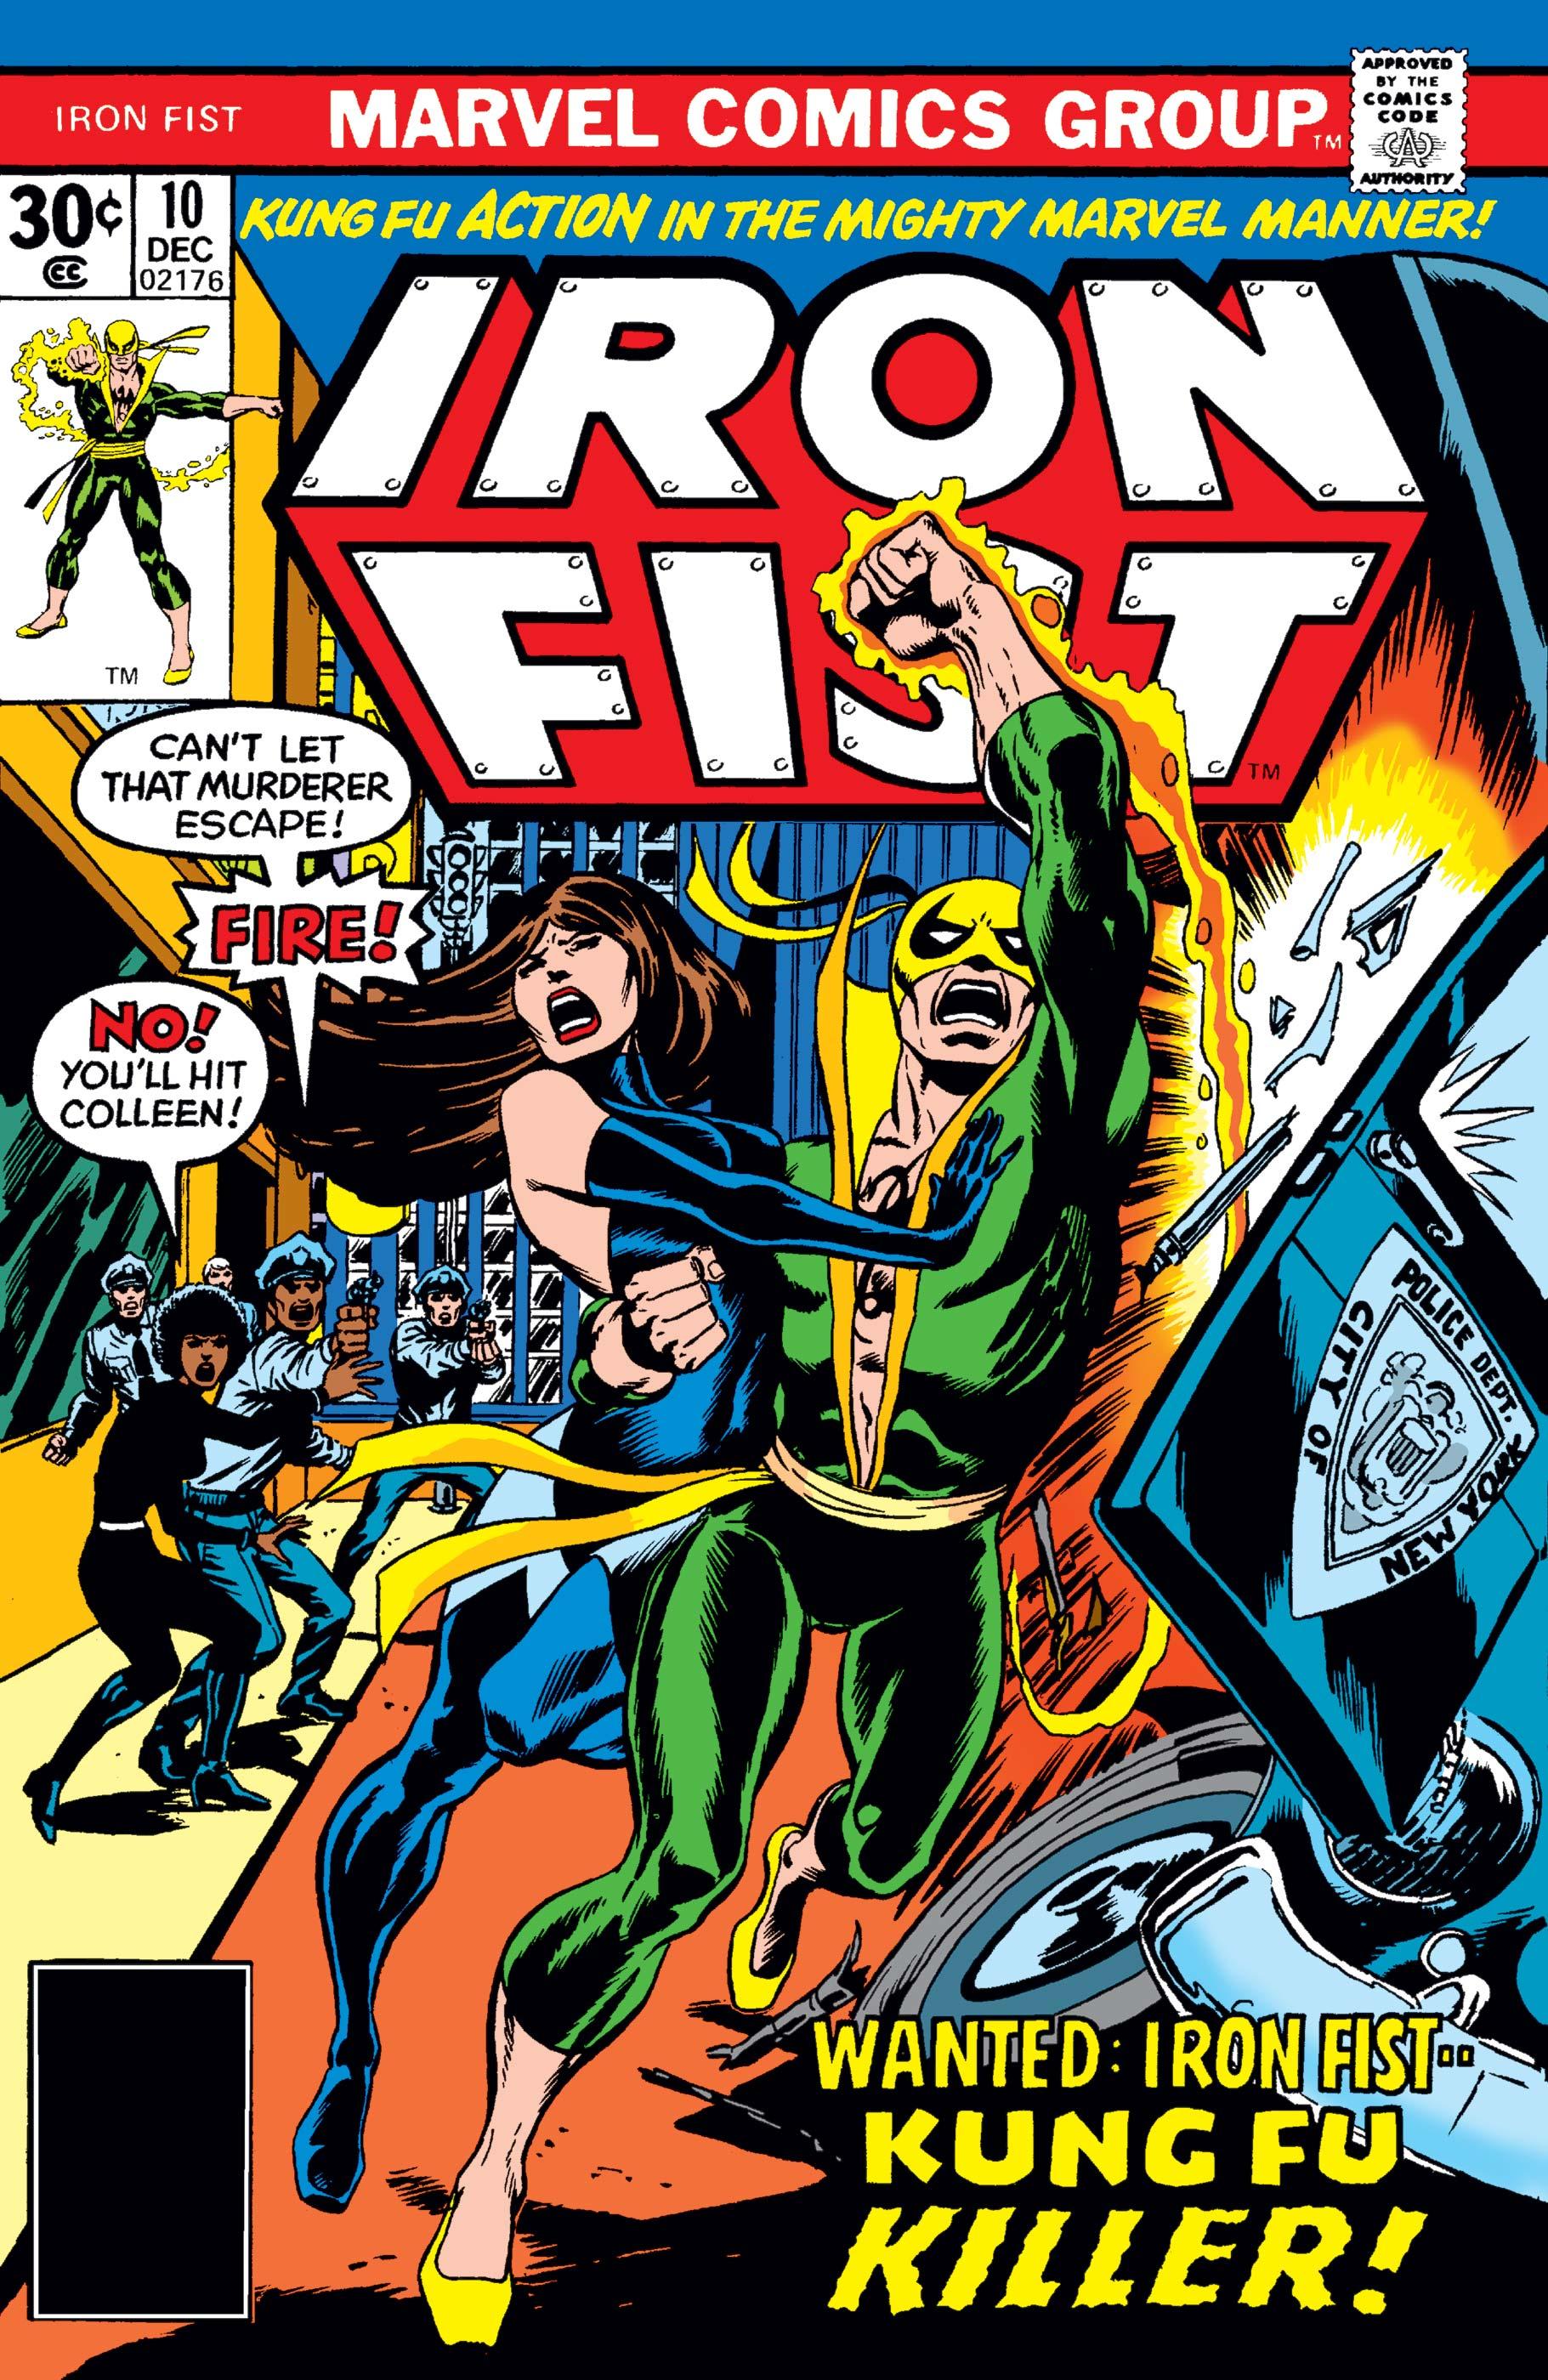 Iron Fist (1975) #10